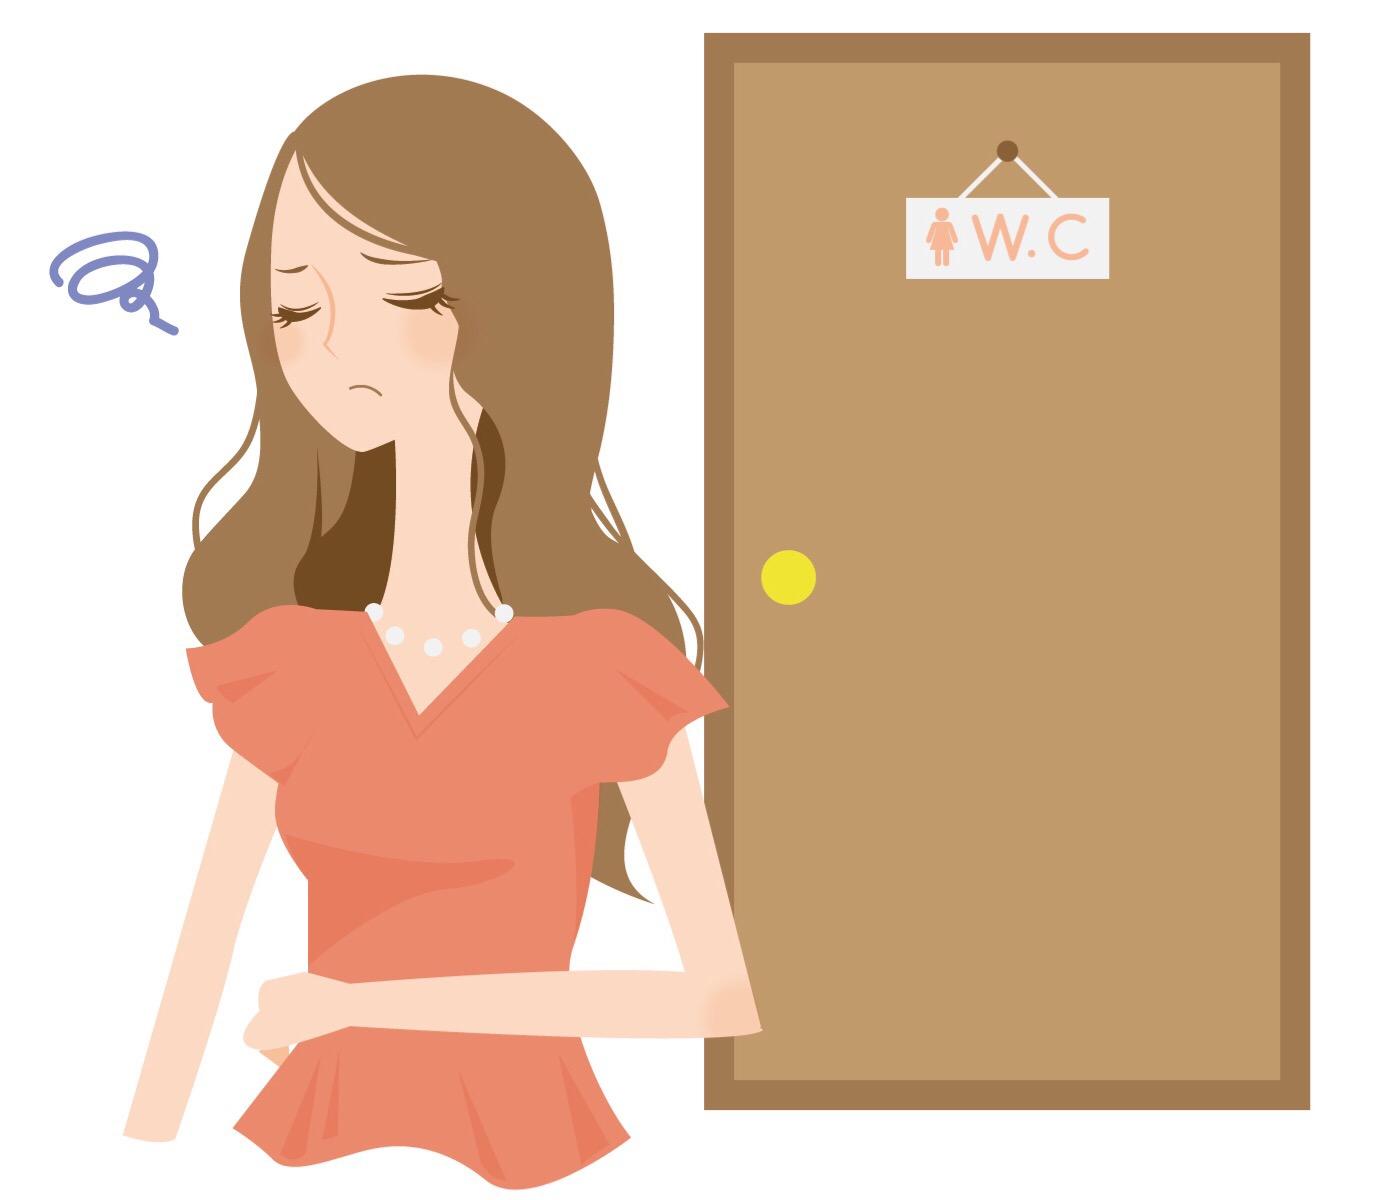 便秘解消に効く姿勢とは?トイレで出来るポーズ3パターンはコレ!